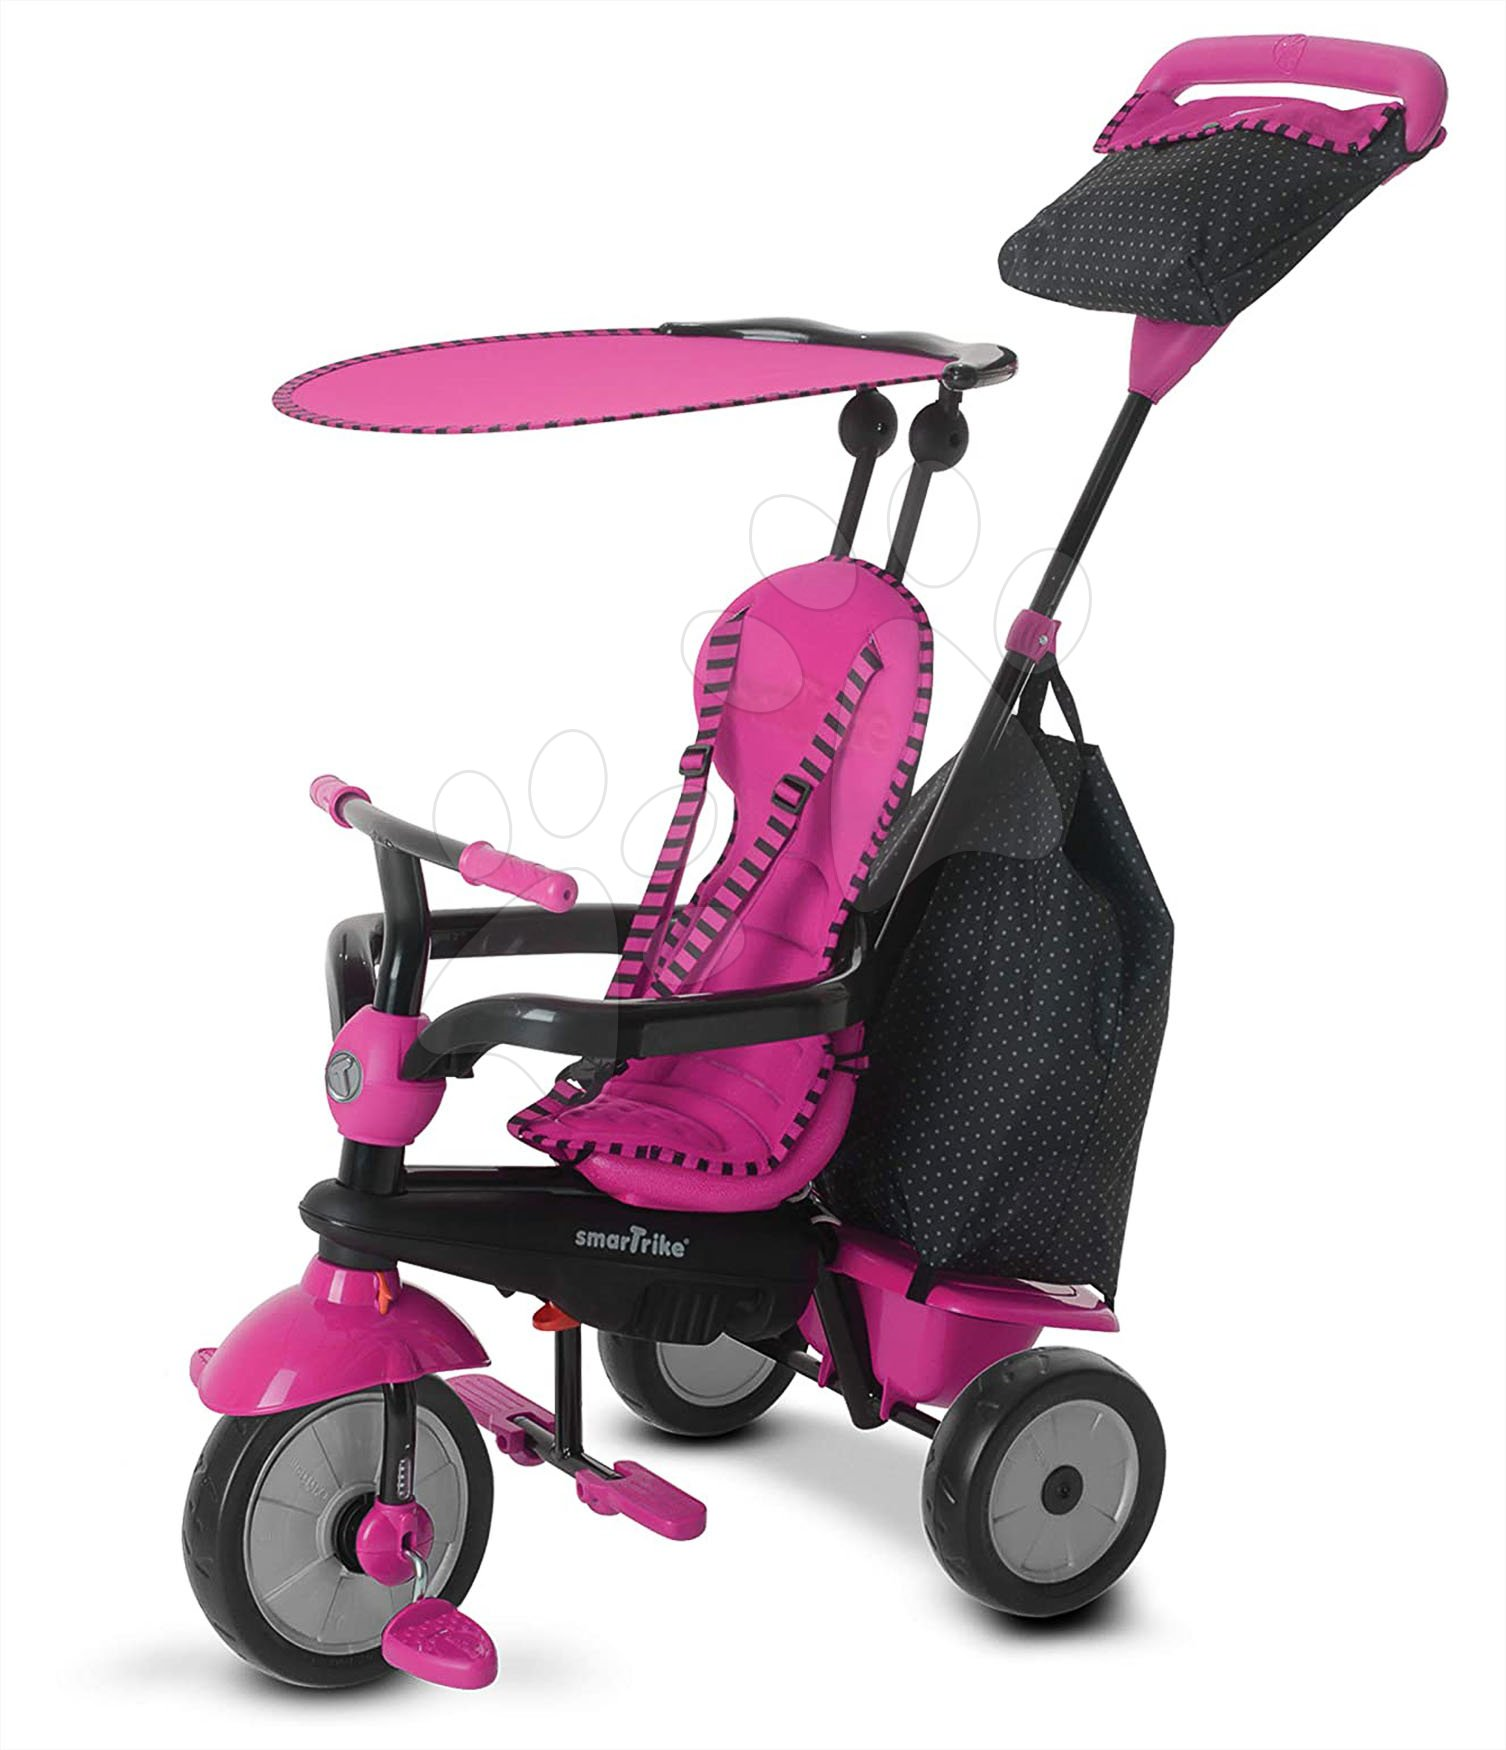 Tříkolka Glow 4v1 Touch Steering Black&Pink smarTrike růžovo-černá od 10 měsíců